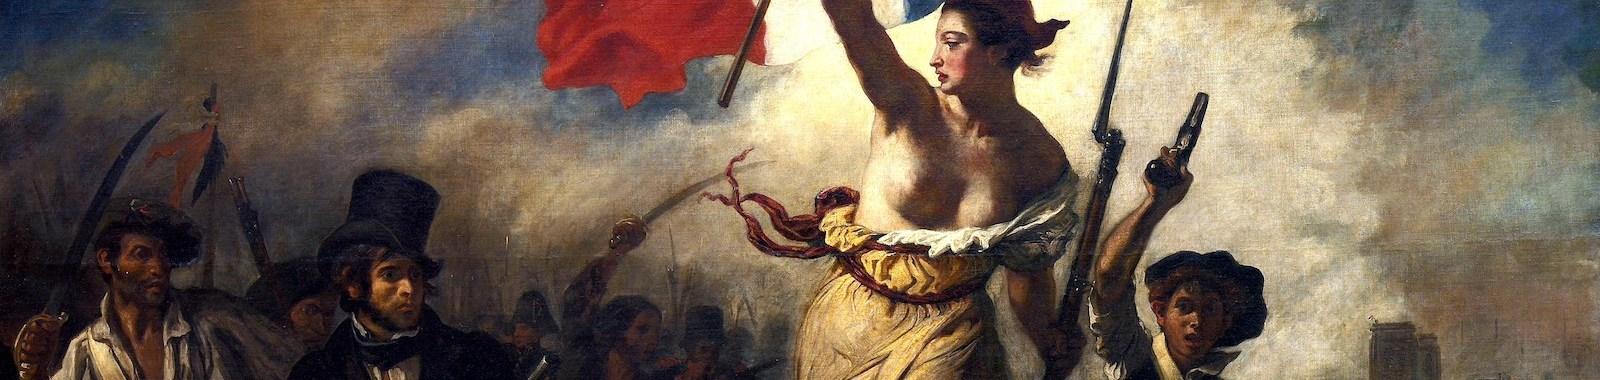 Eugène_Delacroix_-_La_liberté_guidant_le_peuple-eye